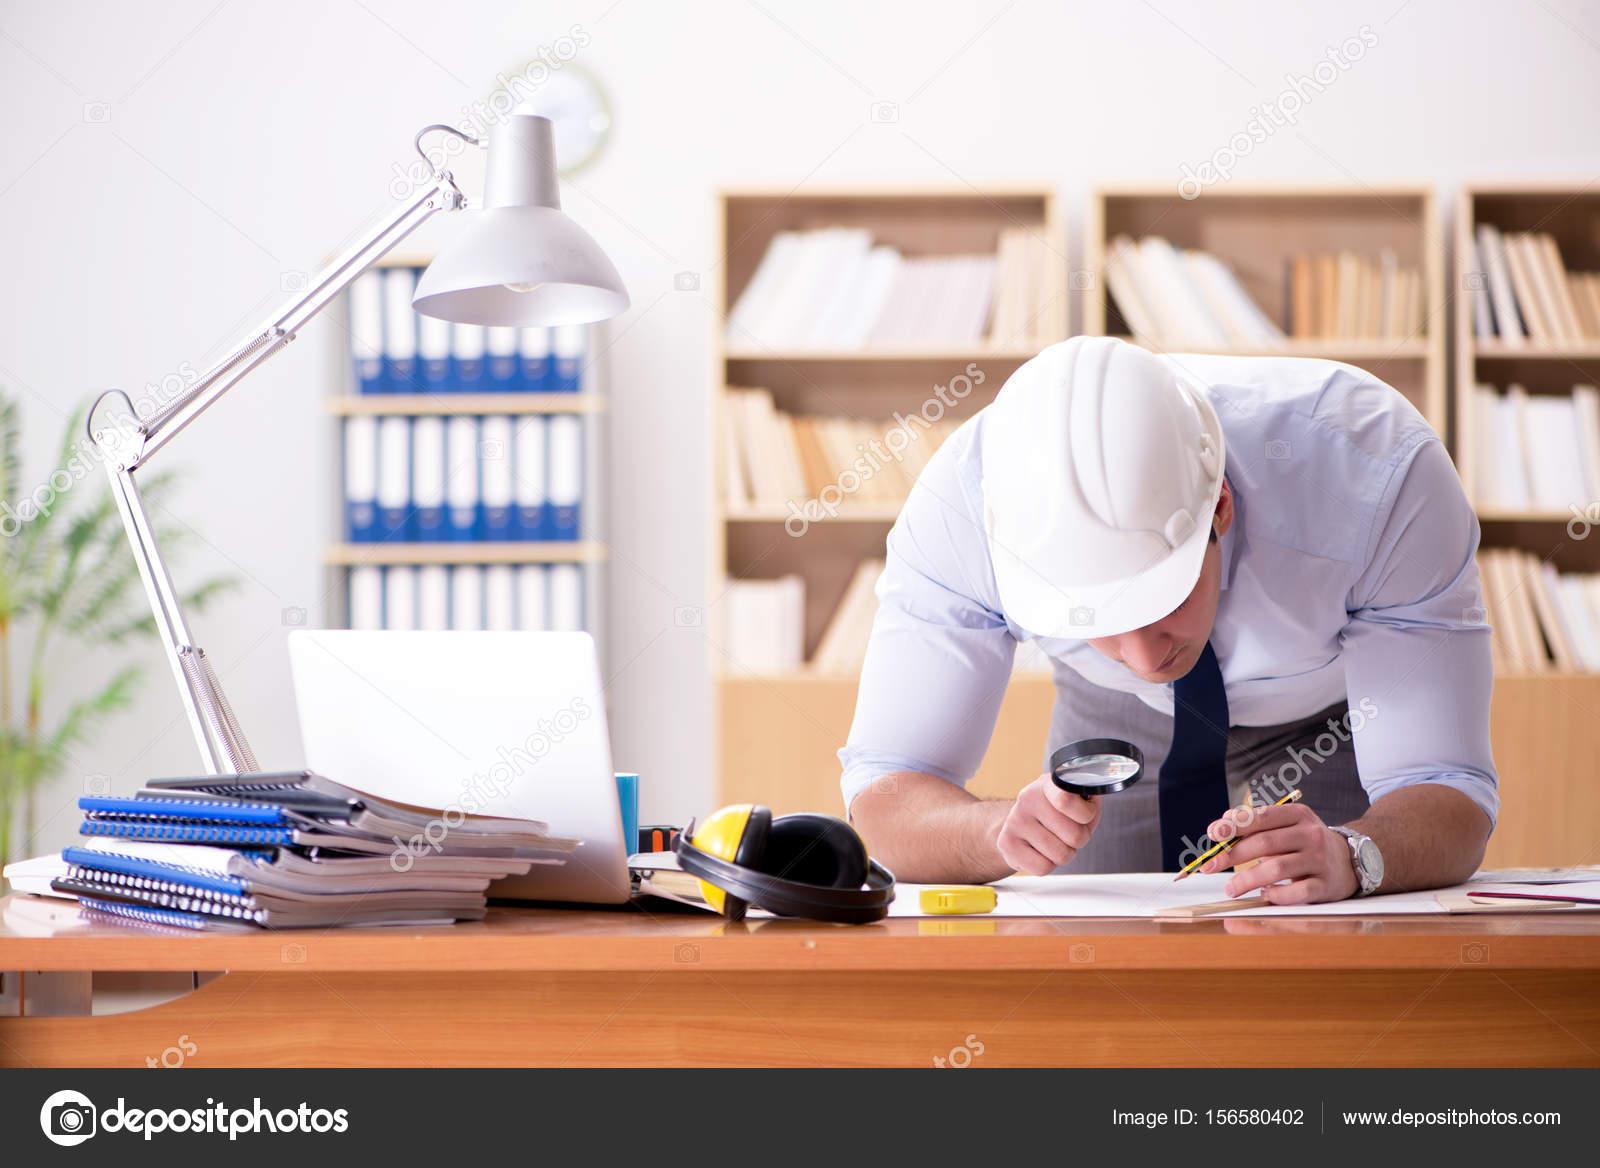 In Ufficio Tecnico : Supervisore tecnico lavorando su disegni in ufficio u foto stock